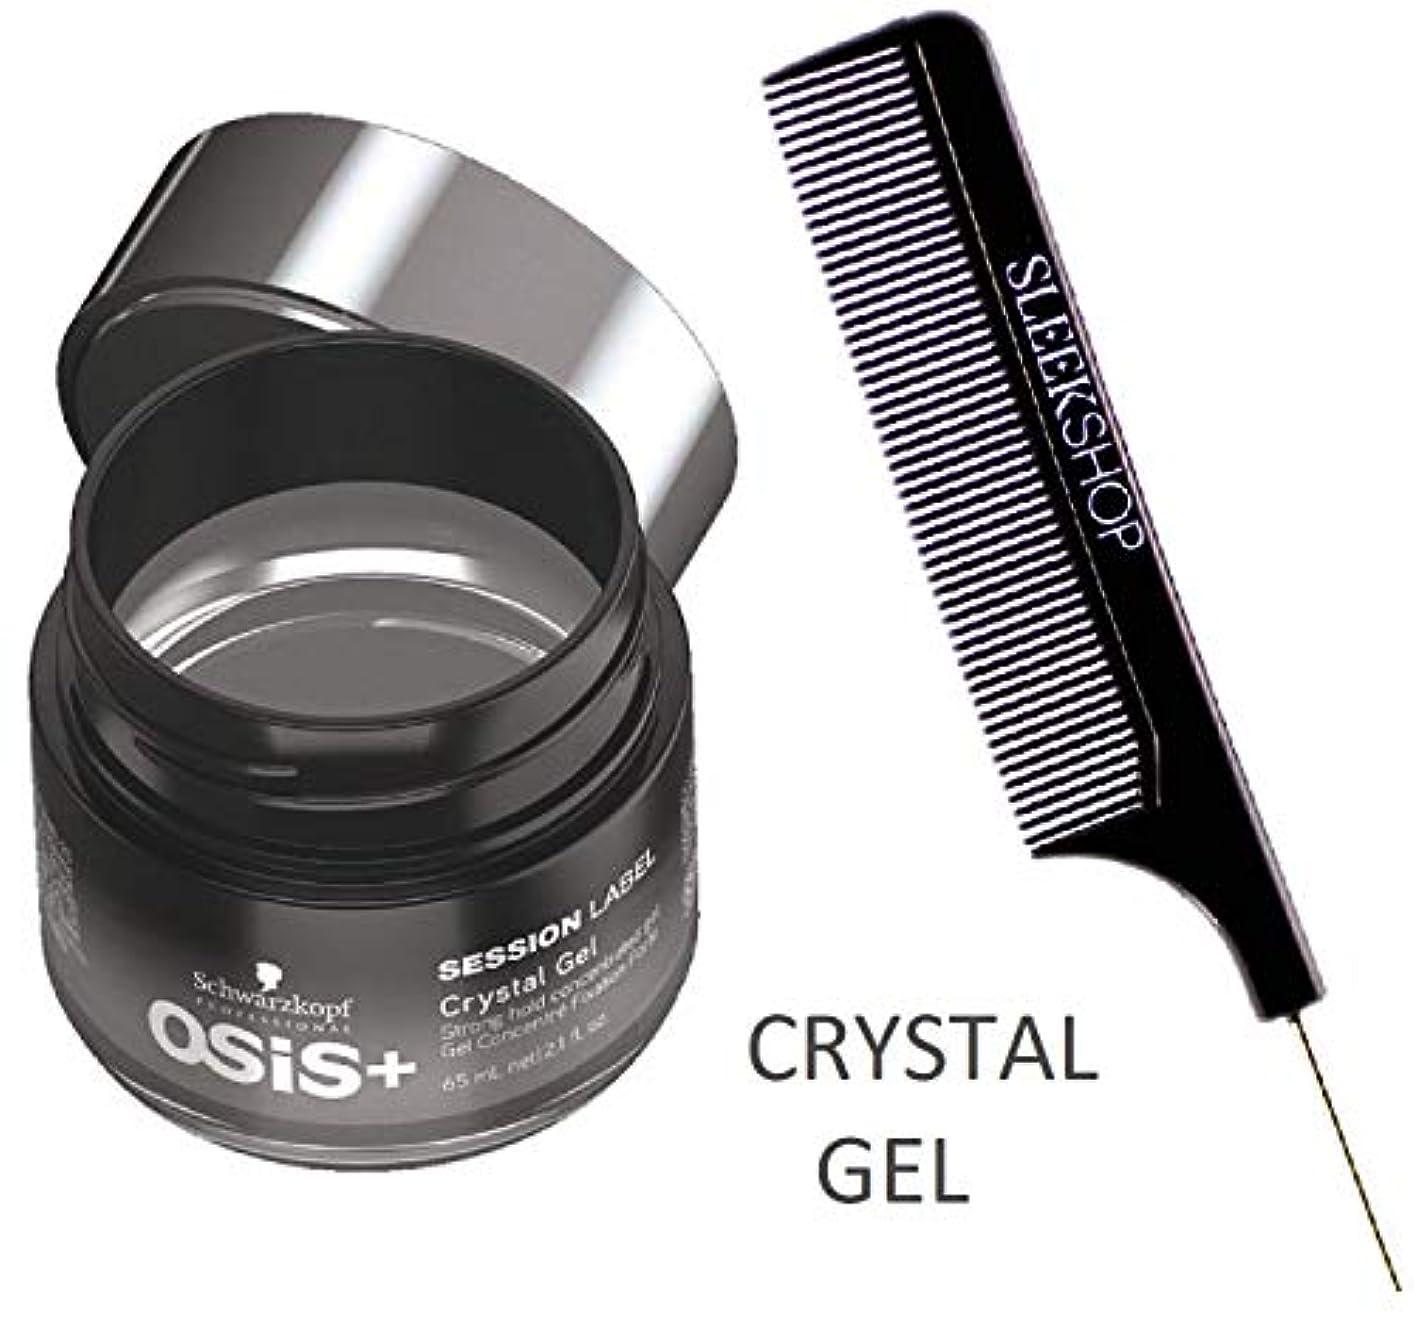 一次虫を数える廃棄するSchwarzkopf OSIS +セッションラベルCRYSTAL GELストロングホールド濃縮ジェル(STYLISTのKIT) 2.1オンス/ 65ミリリットル